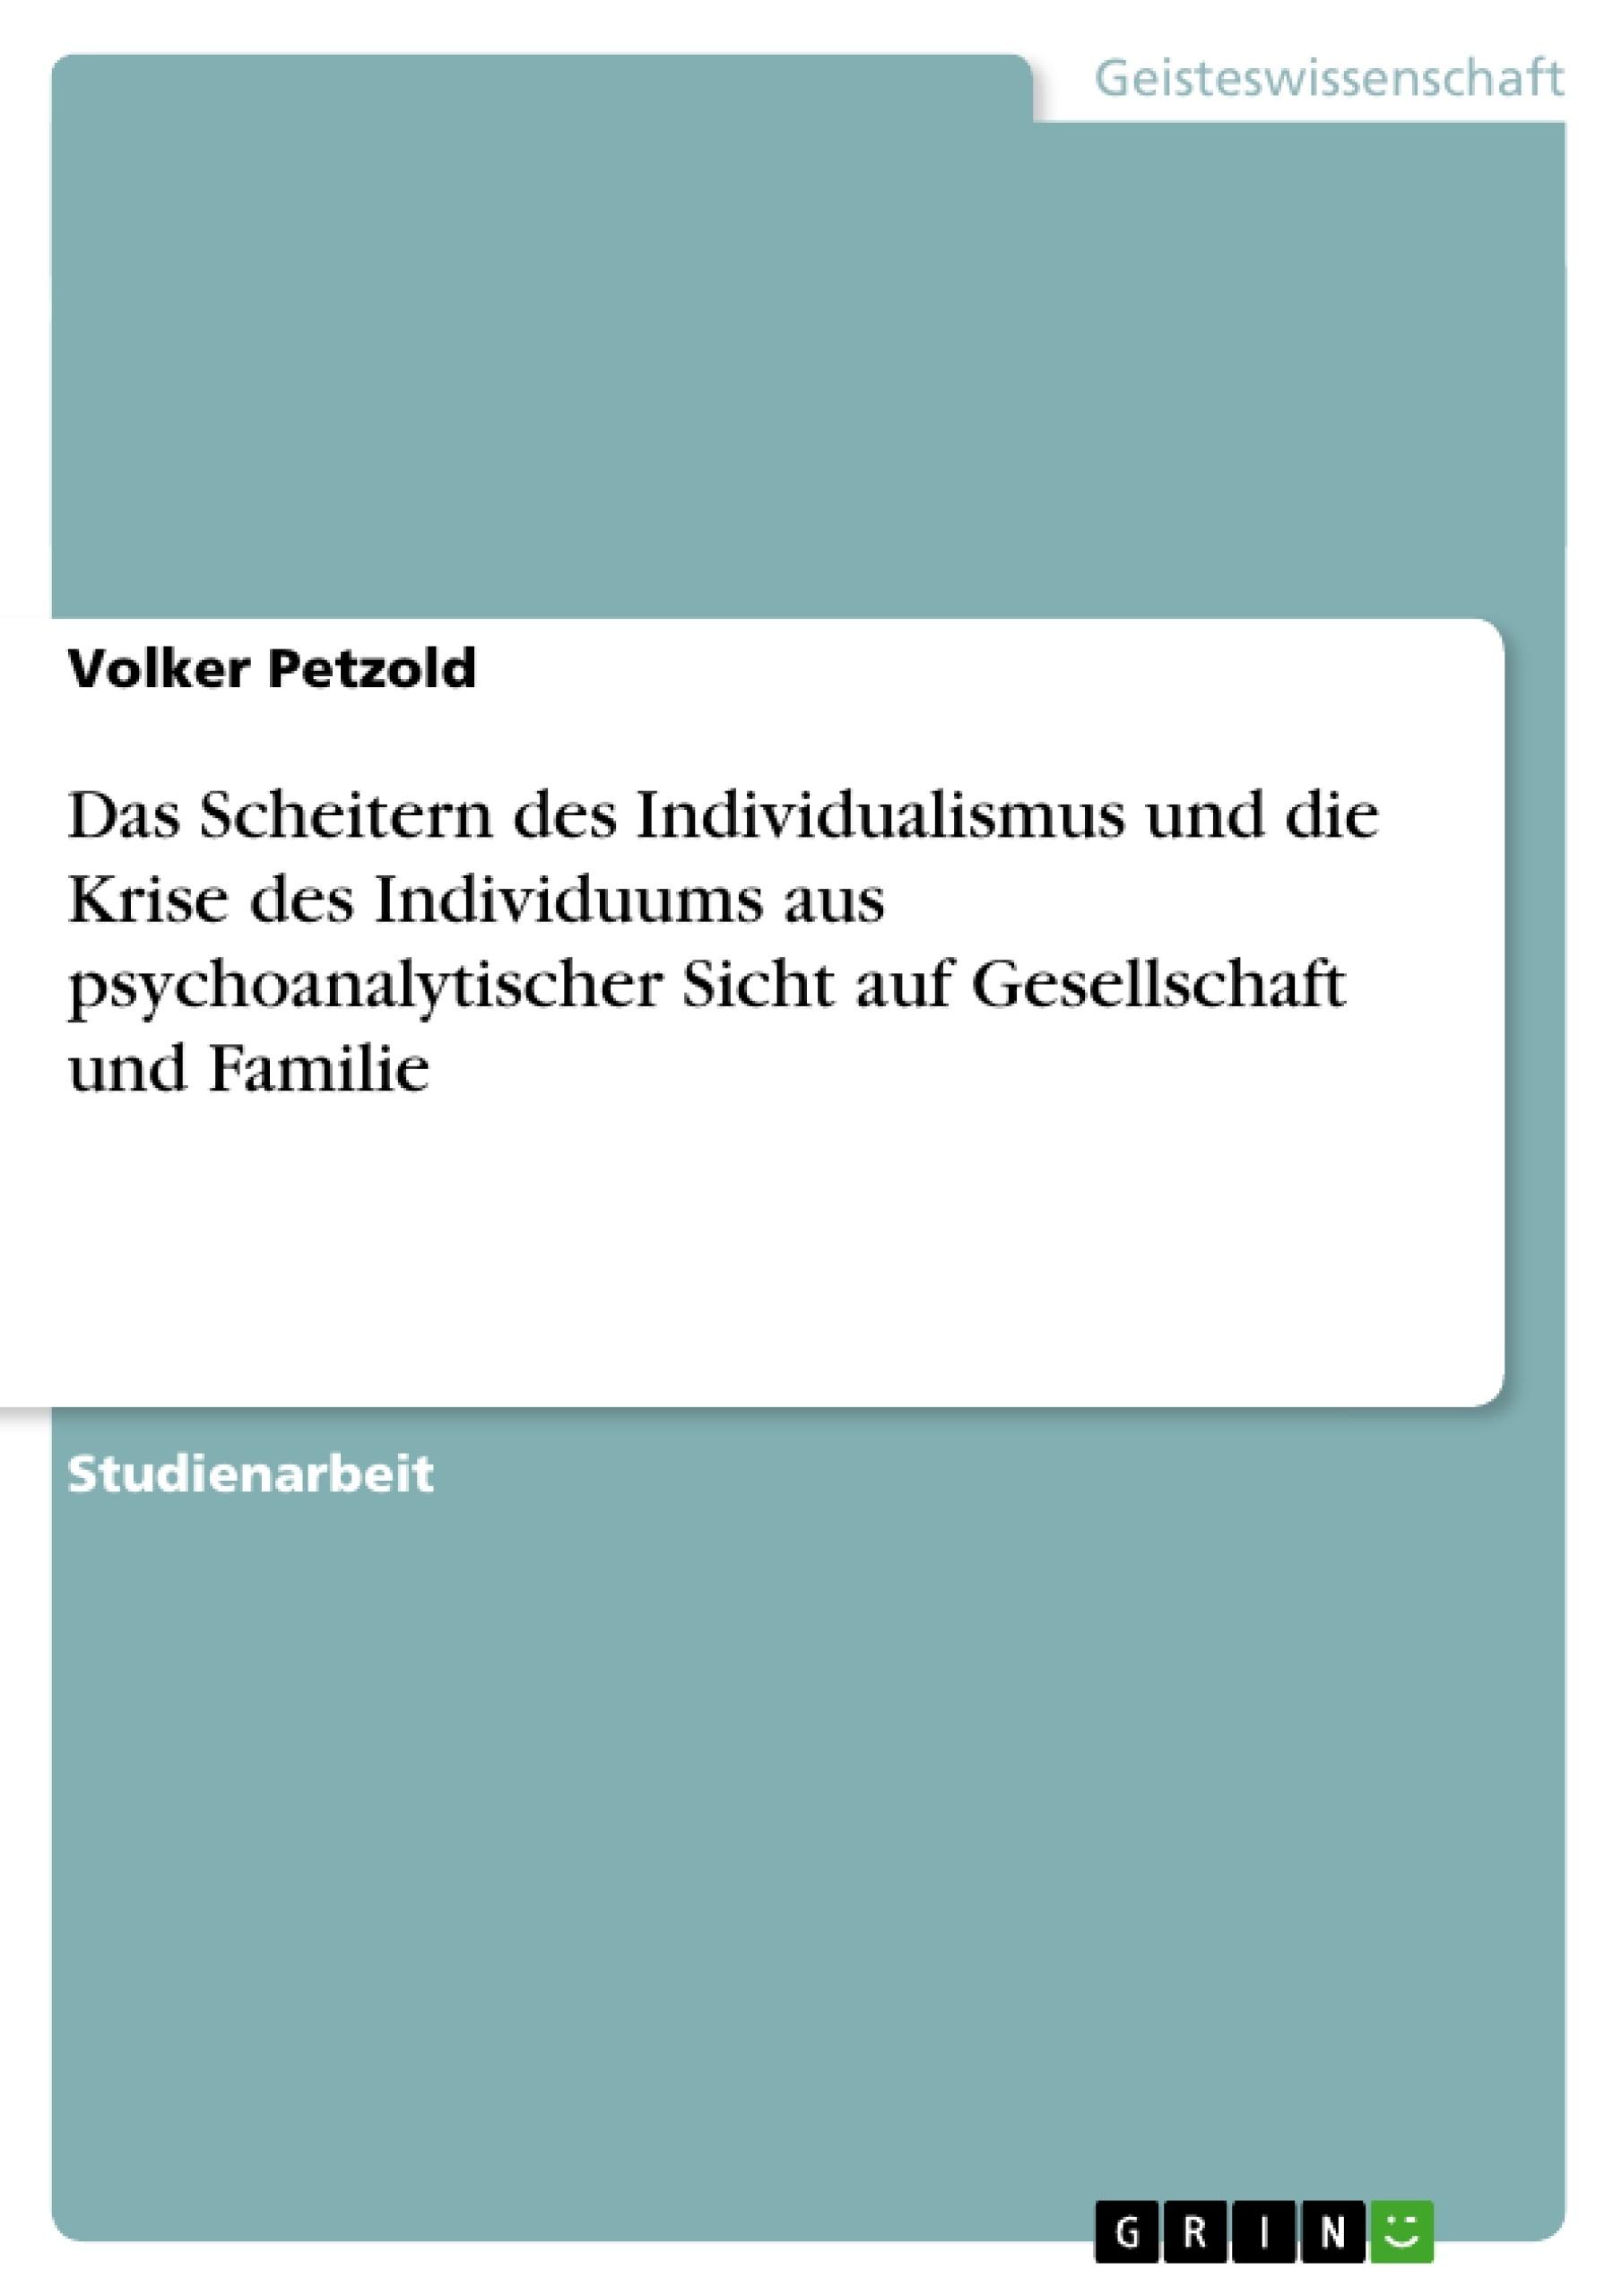 Titel: Das Scheitern des Individualismus und die Krise des Individuums aus psychoanalytischer Sicht auf Gesellschaft und Familie